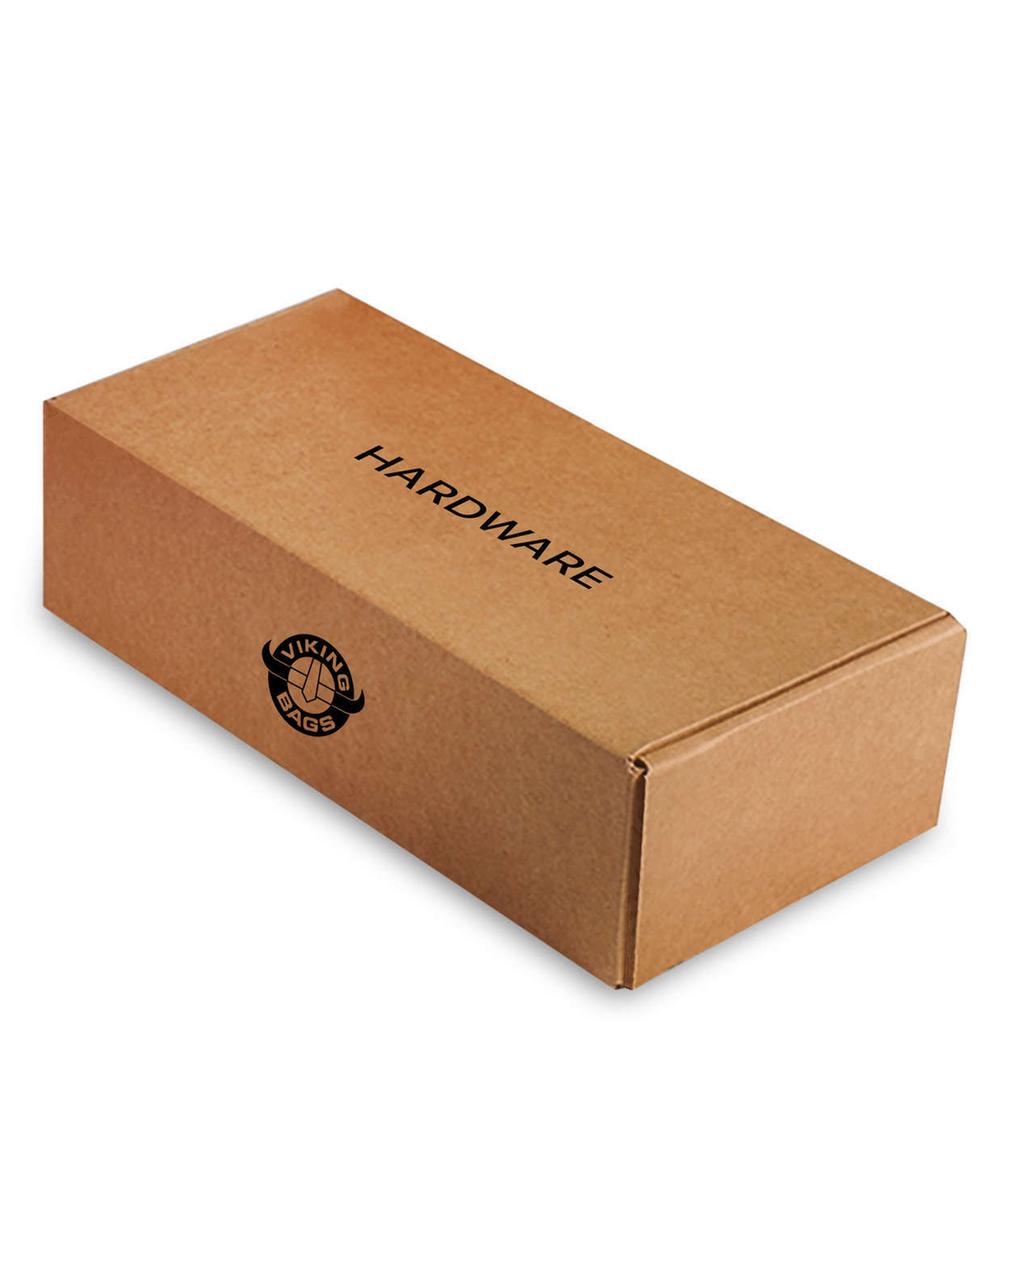 Viking Charger Slanted Medium Motorcycle Saddlebags For Harley Dyna Switchback Hardware Box